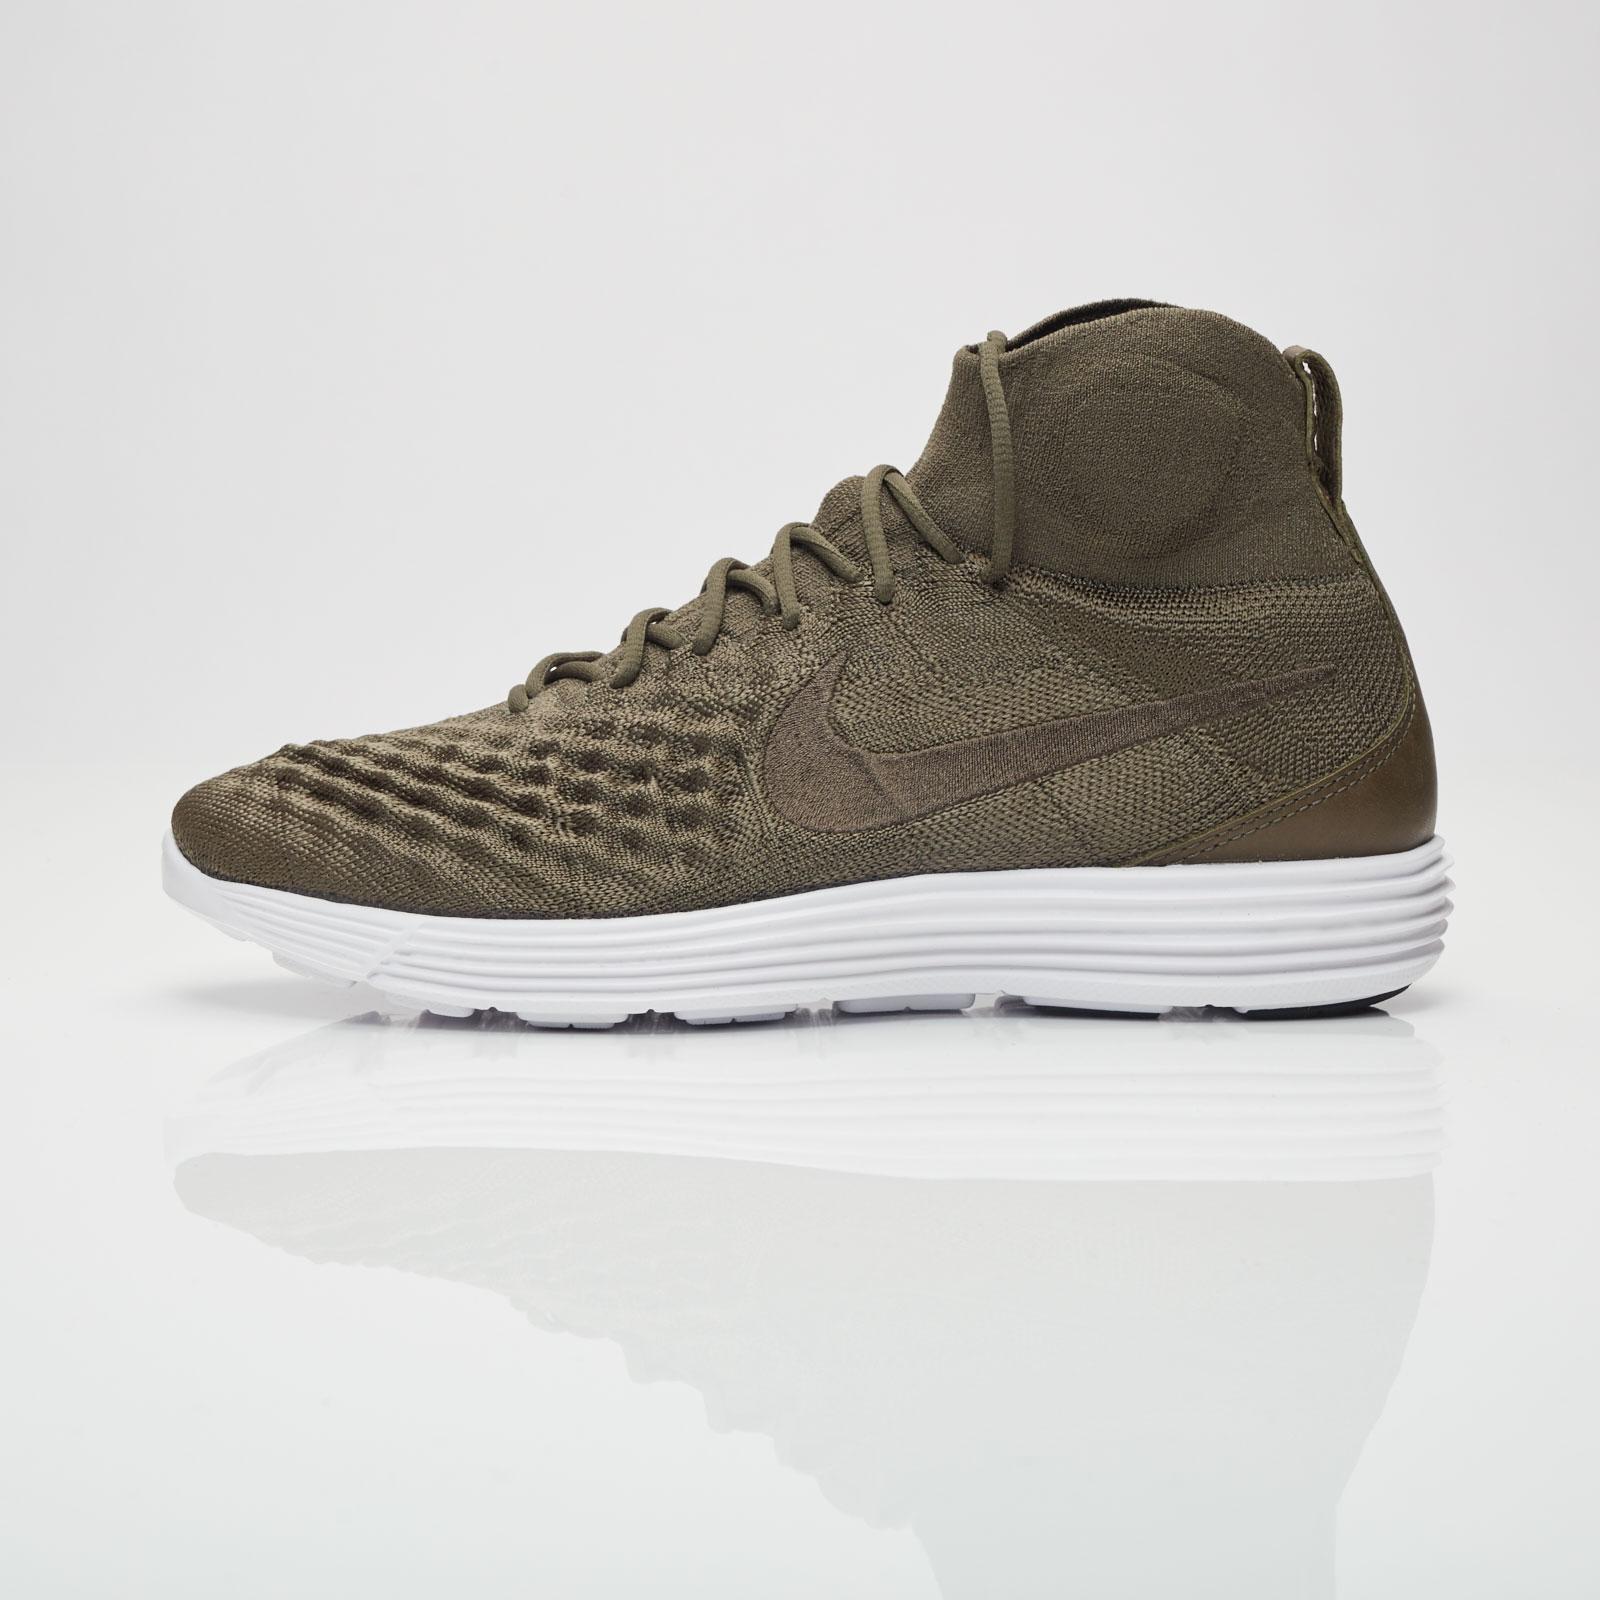 new arrival aeb9c 63b60 Nike Lunar Magista Ii Flyknit - 852614-300 - Sneakersnstuff | sneakers &  streetwear en ligne depuis 1999